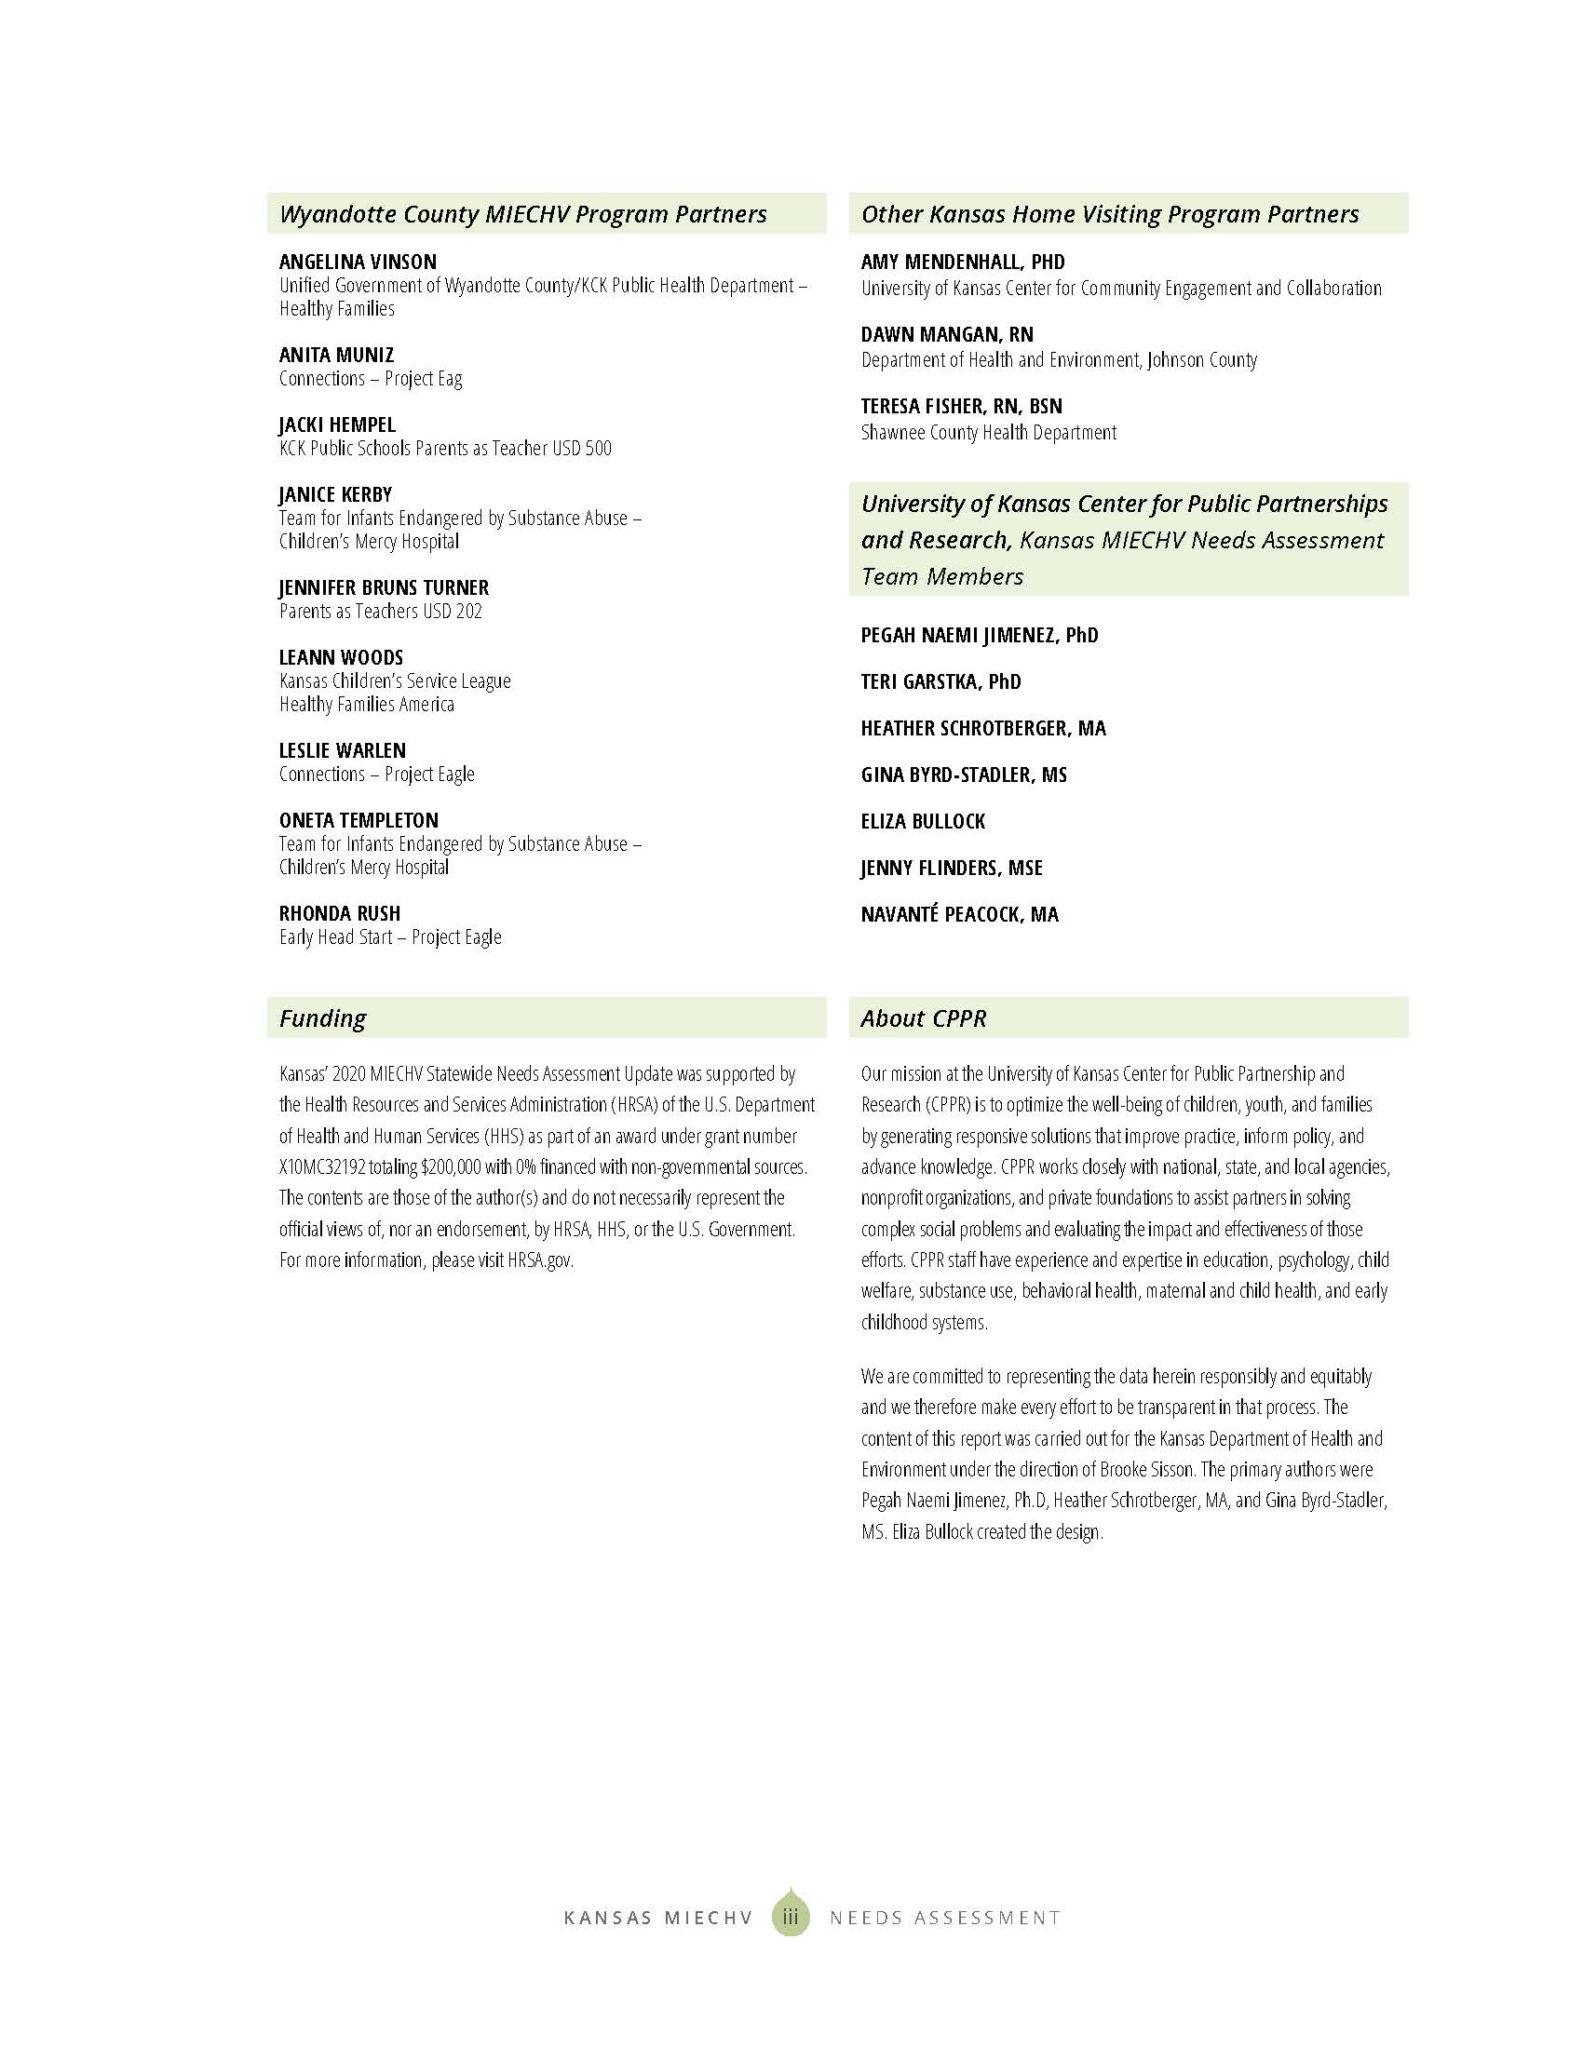 KS MIECHV 2020 Needs Assessment_DIGITAL_Page_004